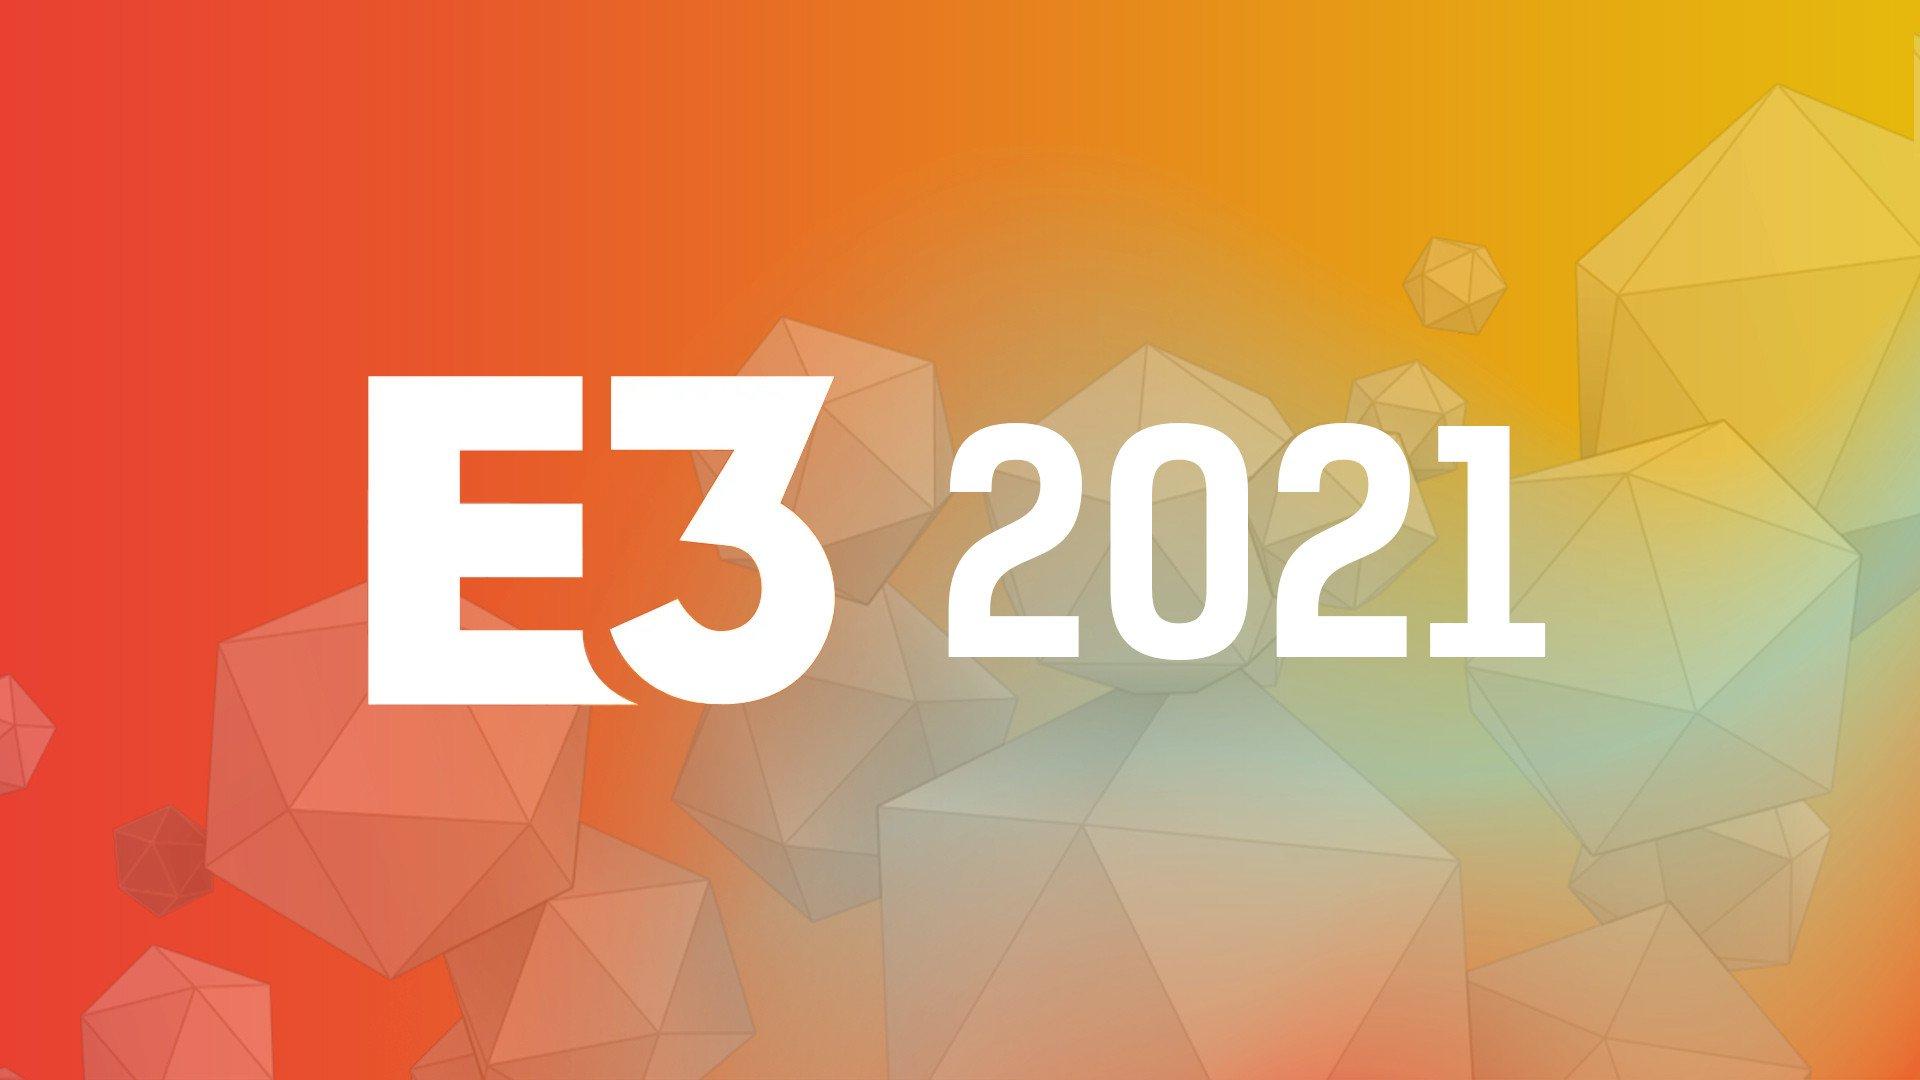 بزرگترین بازی های E3 2021